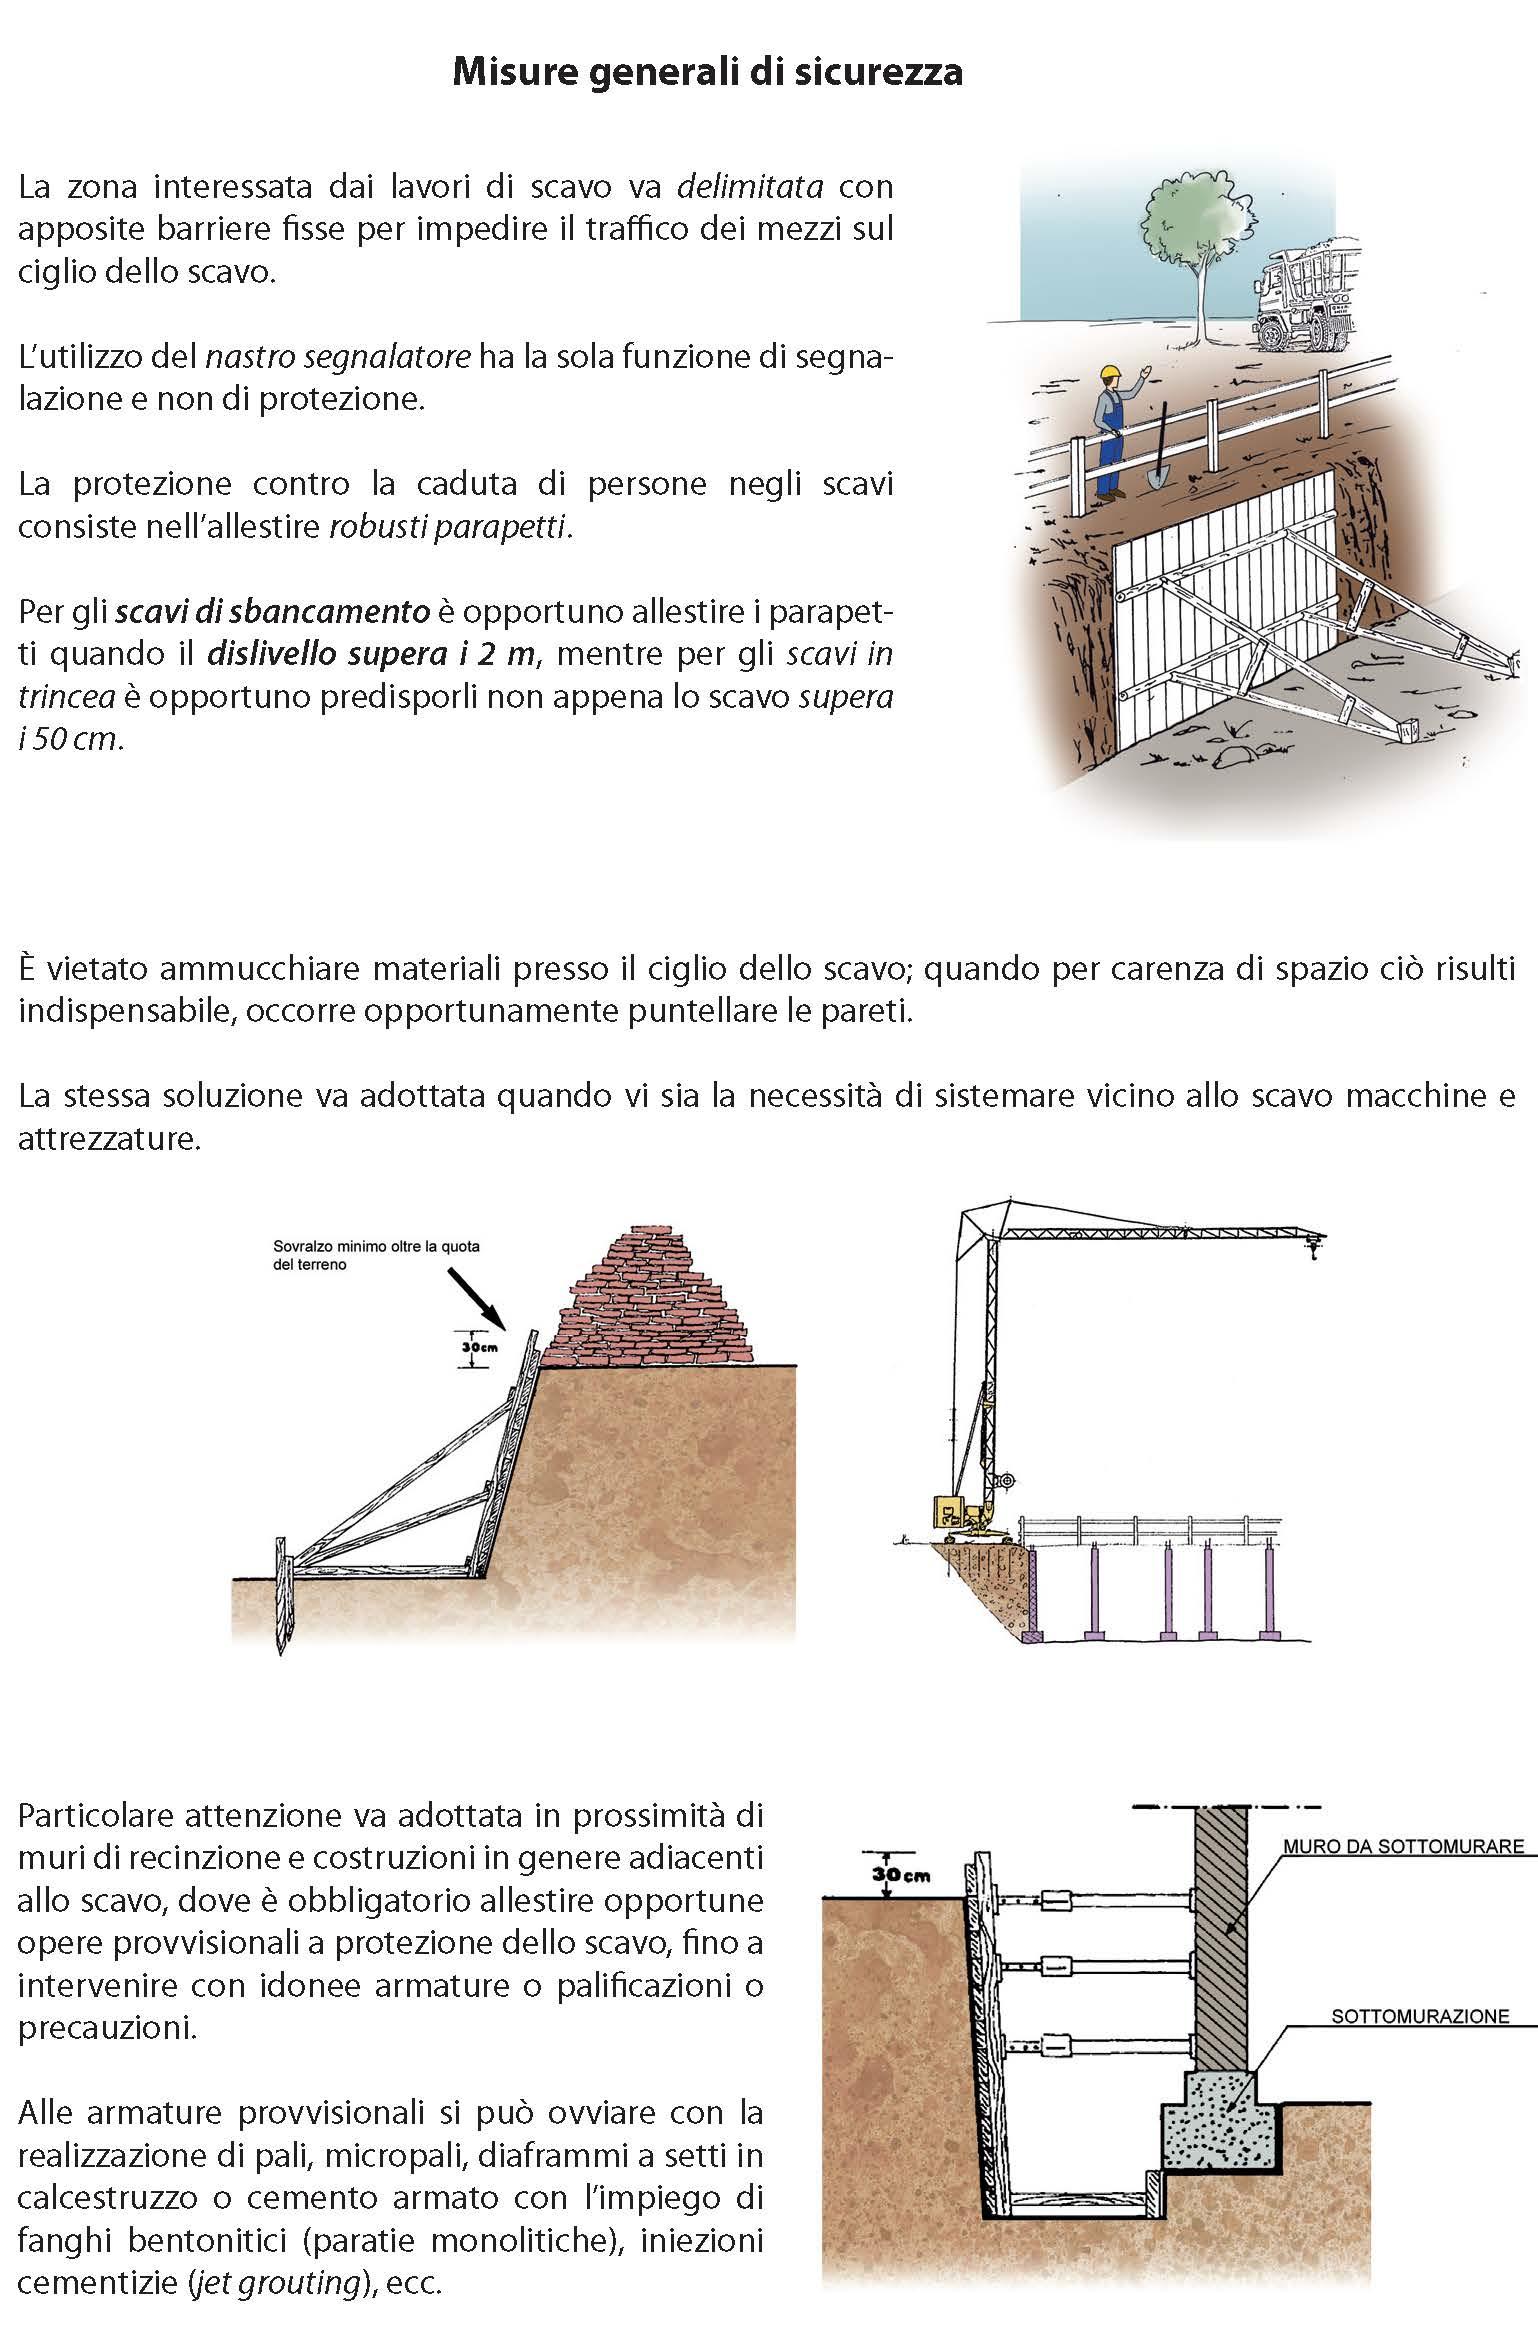 Figura 2 - Misure generali di sicurezza, splateamento e sbancamento, scavi in trincea